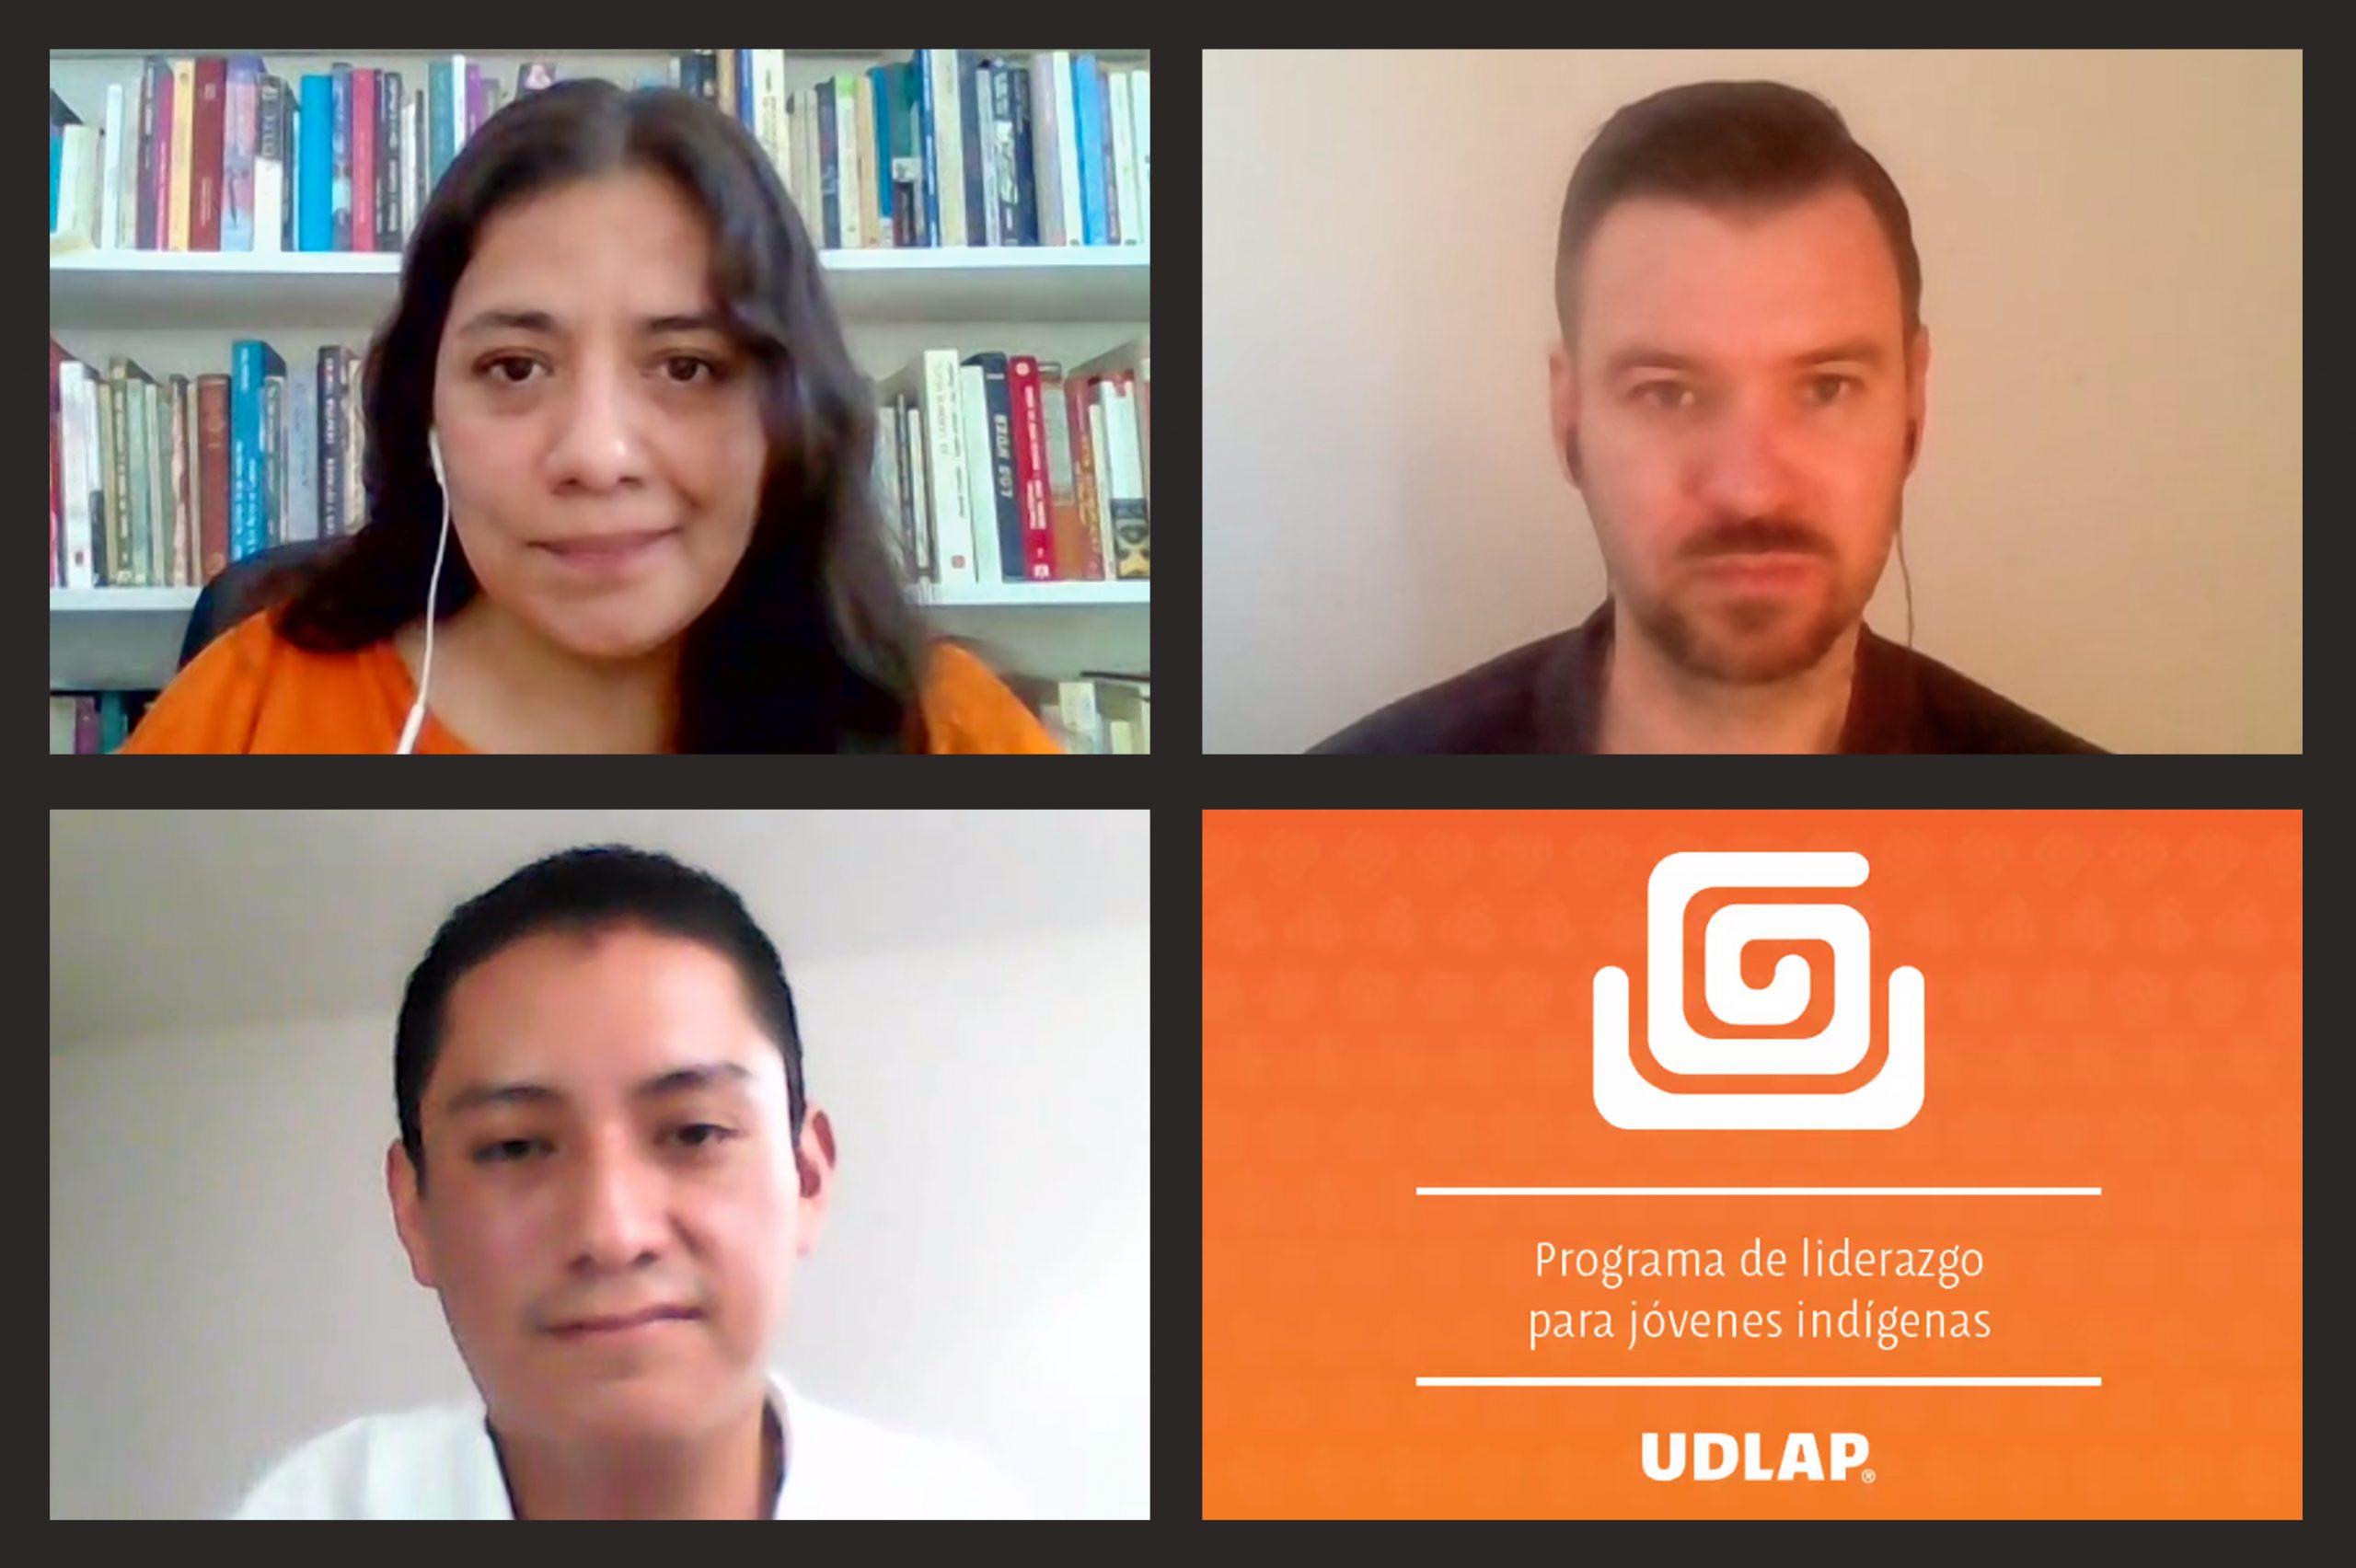 Inicia el Programa de Liderazgo para Jóvenes Indígenas 2021 de la UDLAP